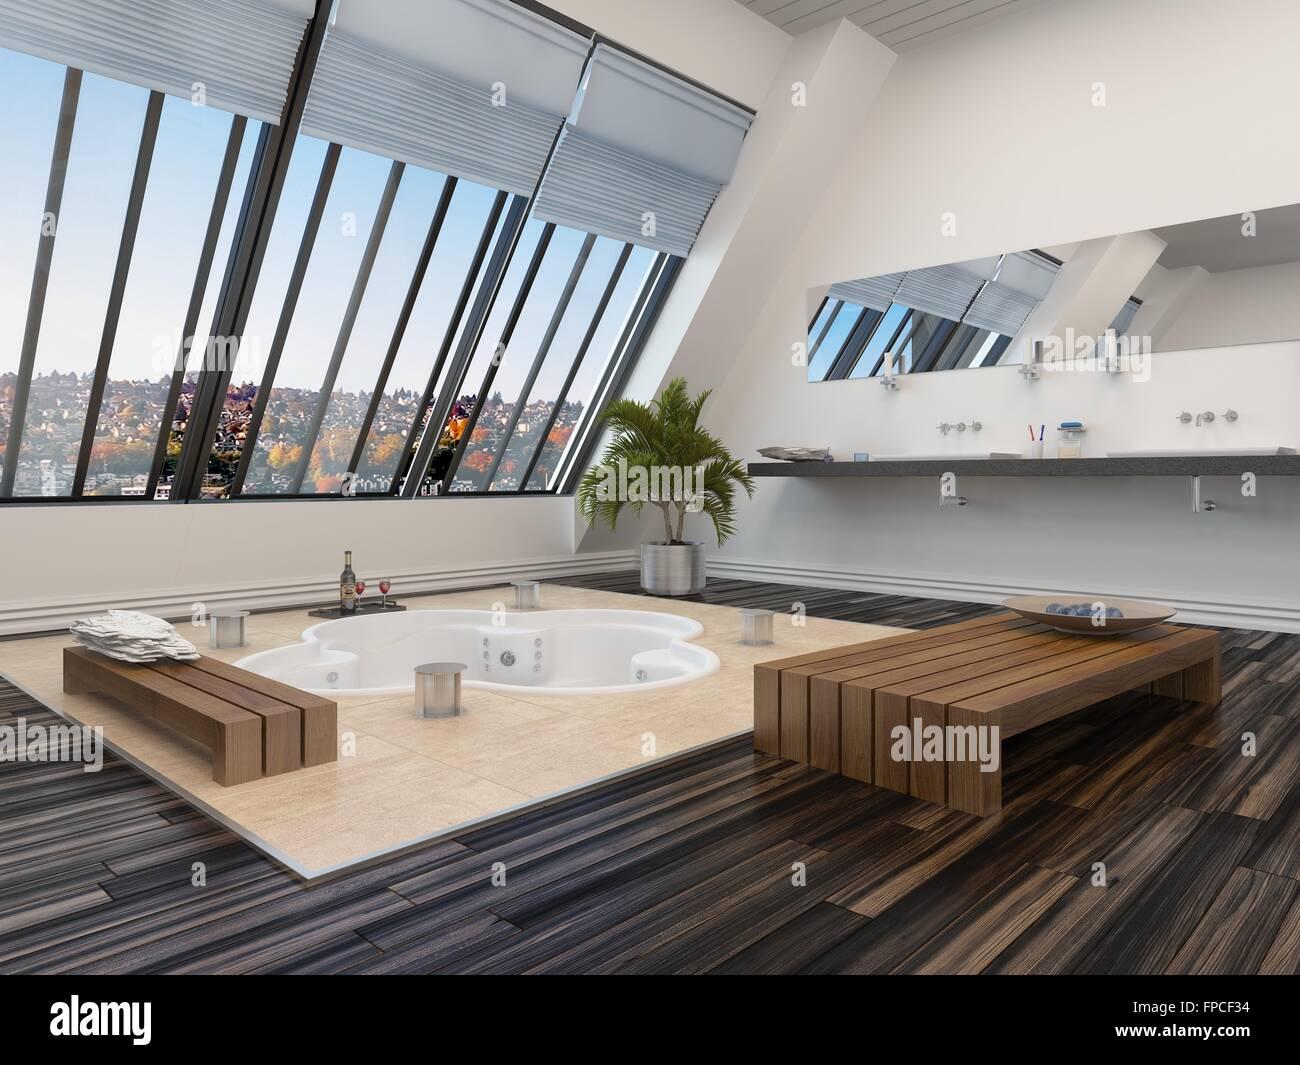 Modernes Badezimmer Interieur Mit Einer Versunkenen Whirlpool Badewanne In  Parkett Und Schräge Ansicht Panoramafenster, Eine Wand, Wonach In